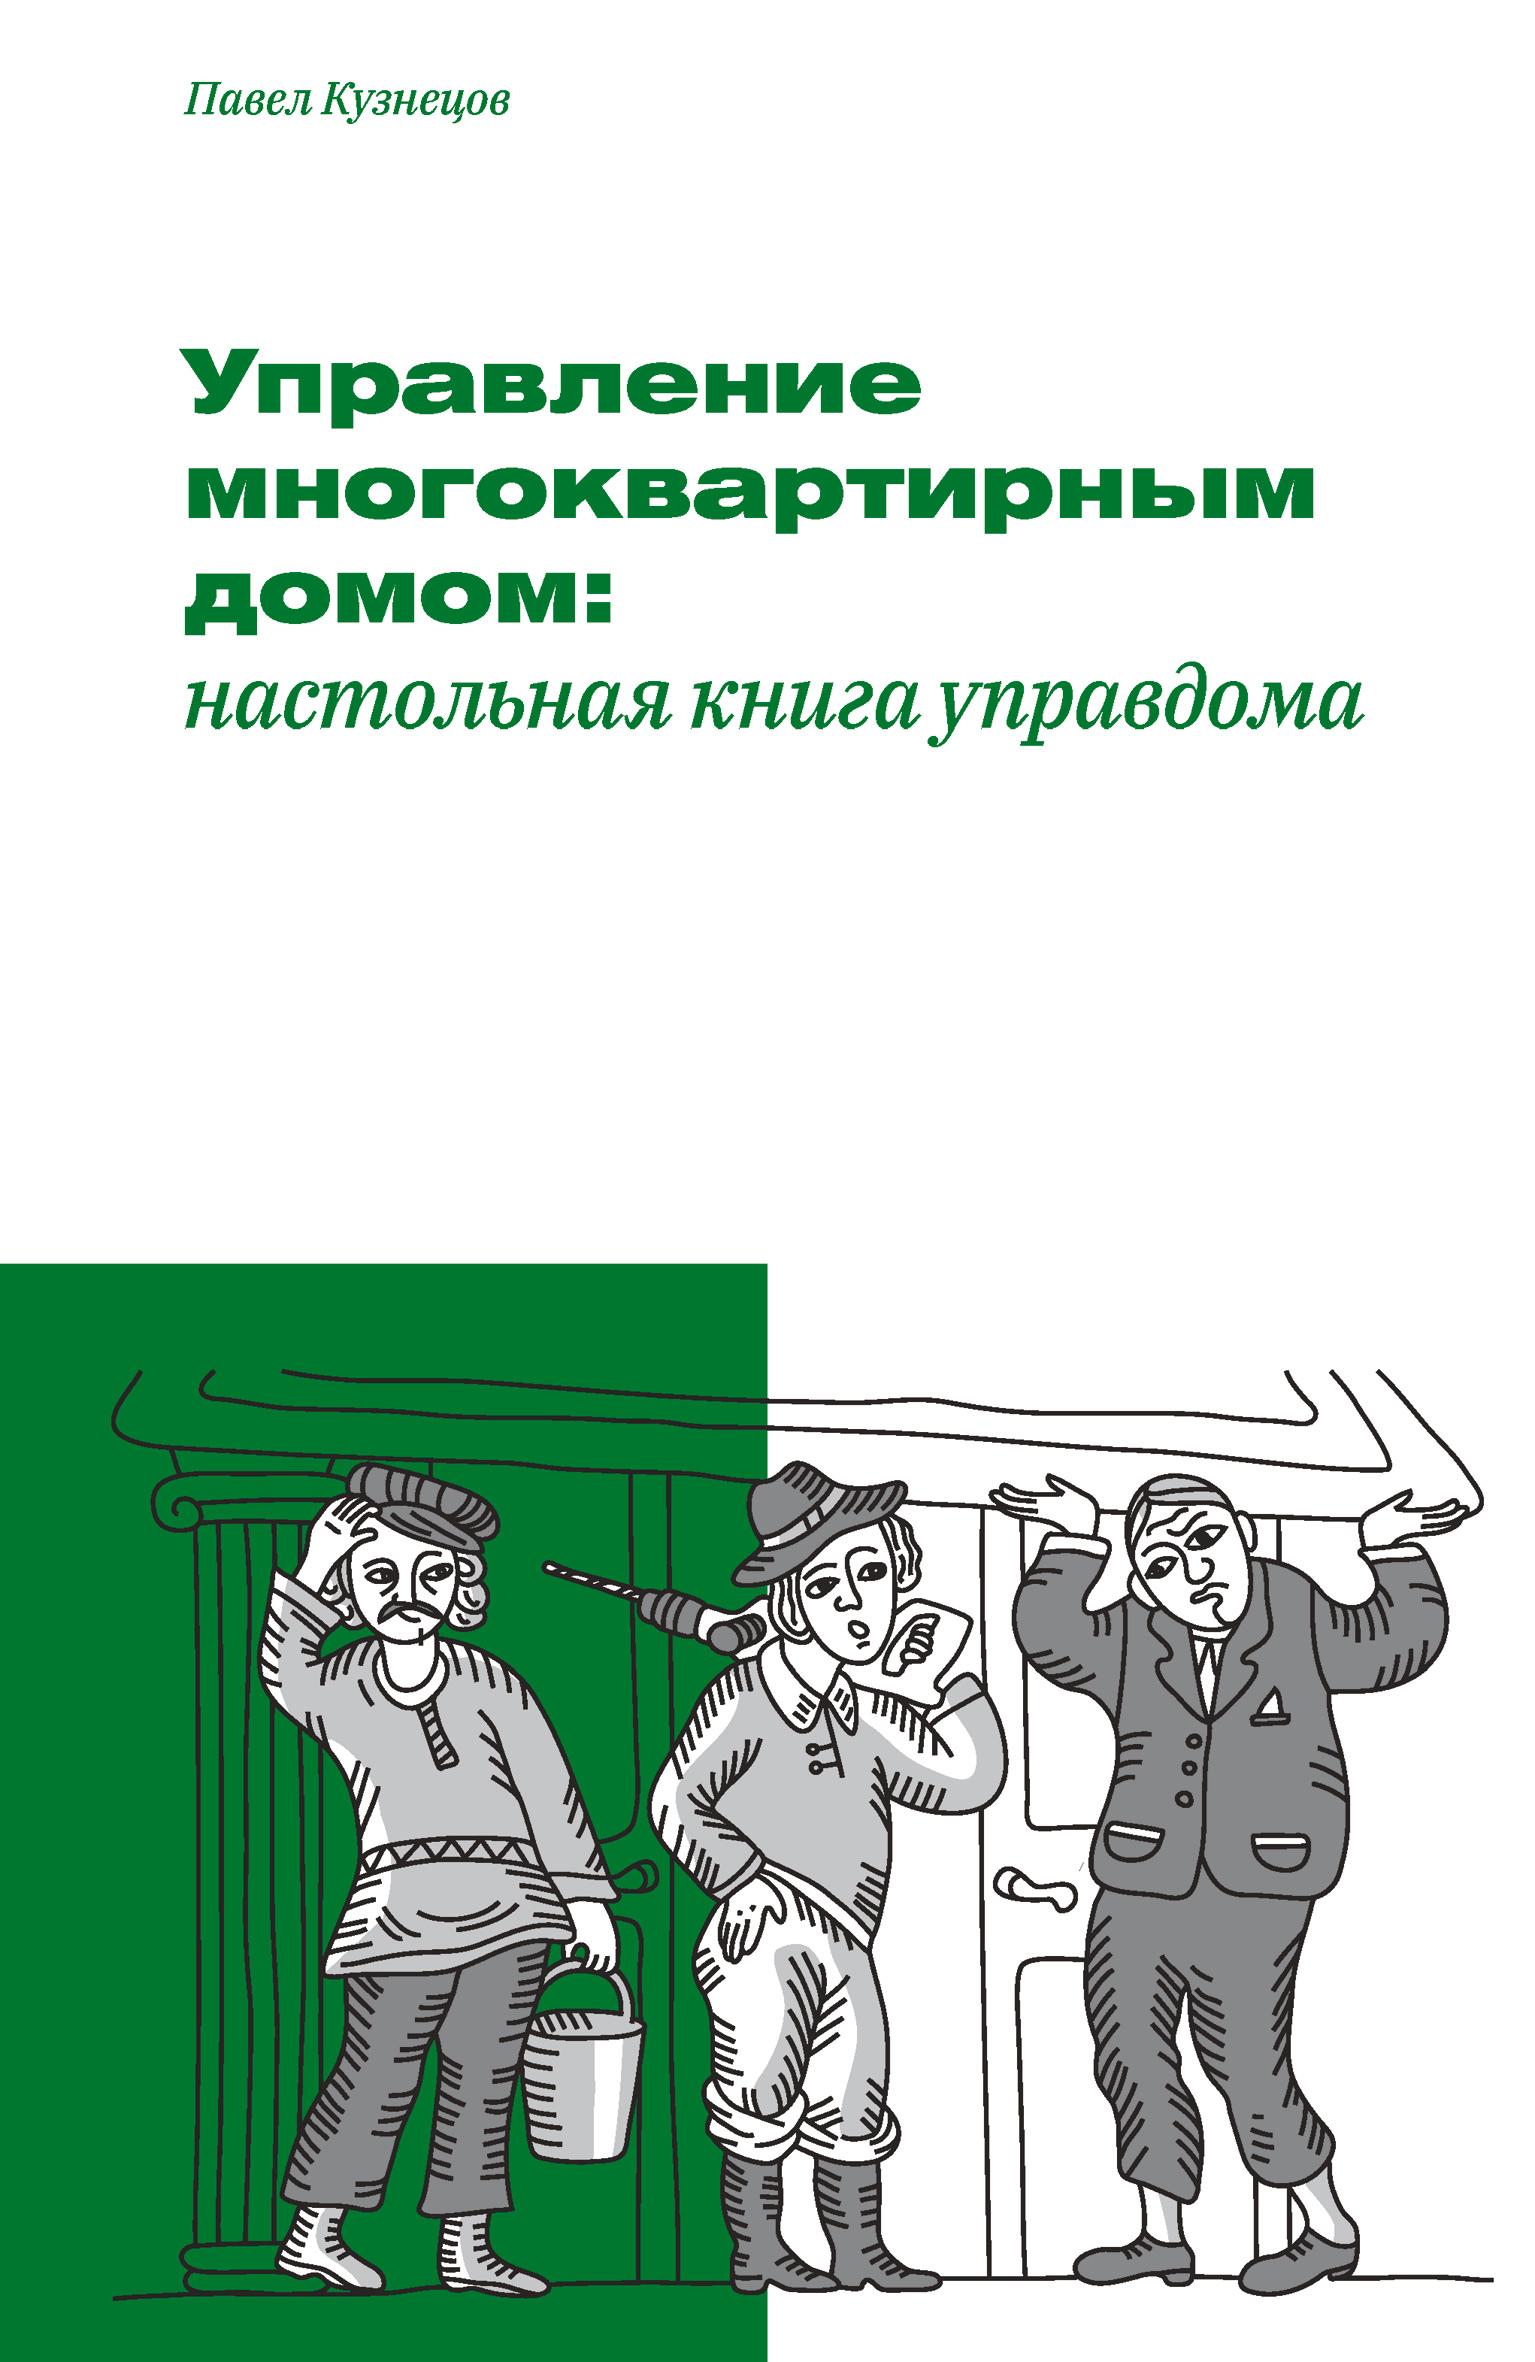 Управление многоквартирным домом: настольная книга управдома